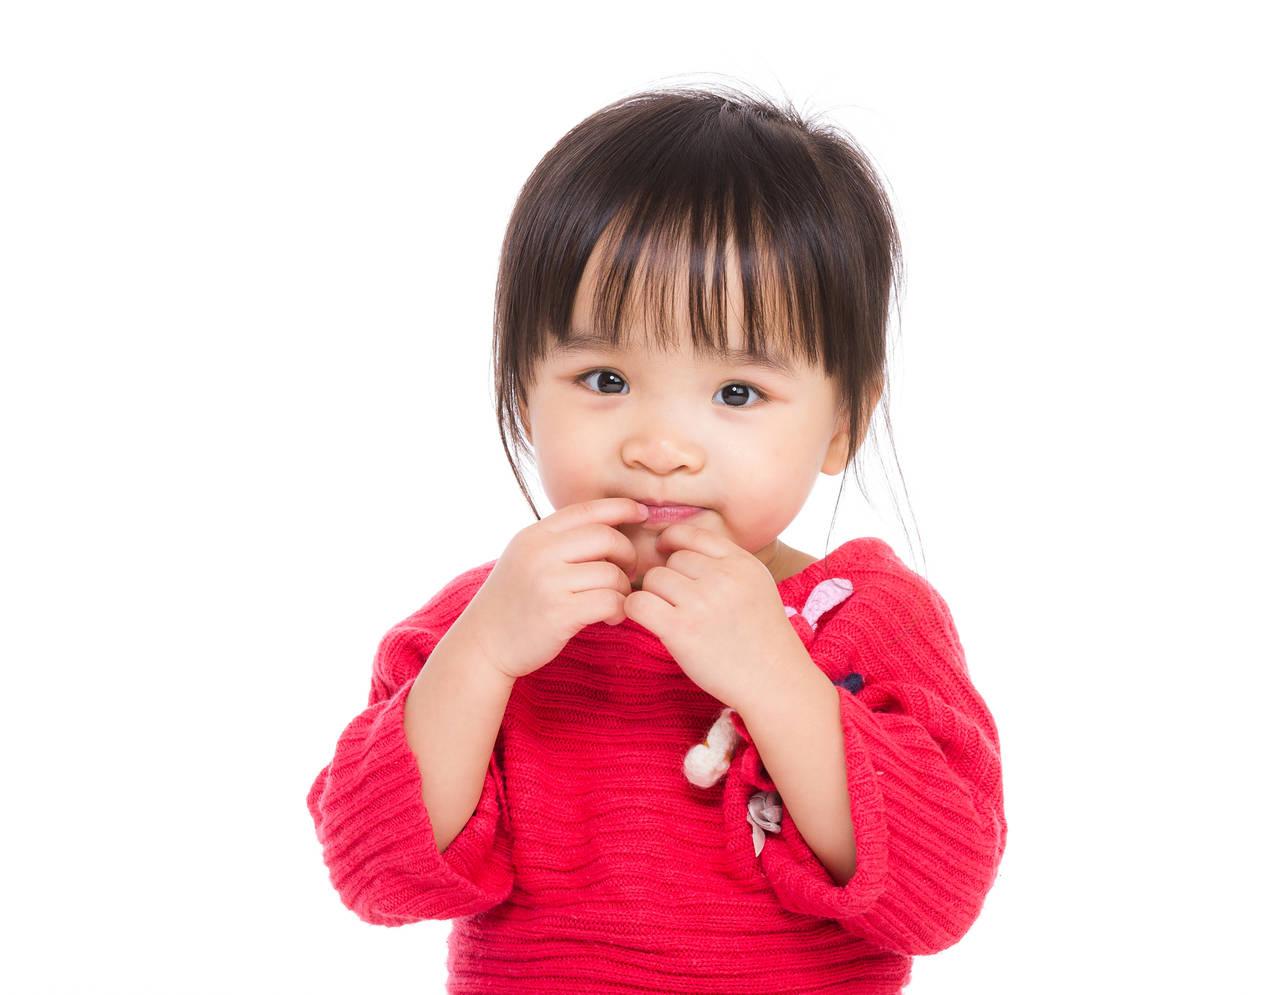 幼児に安心の無添加リップクリーム!ケアの必要性や無添加がよい理由